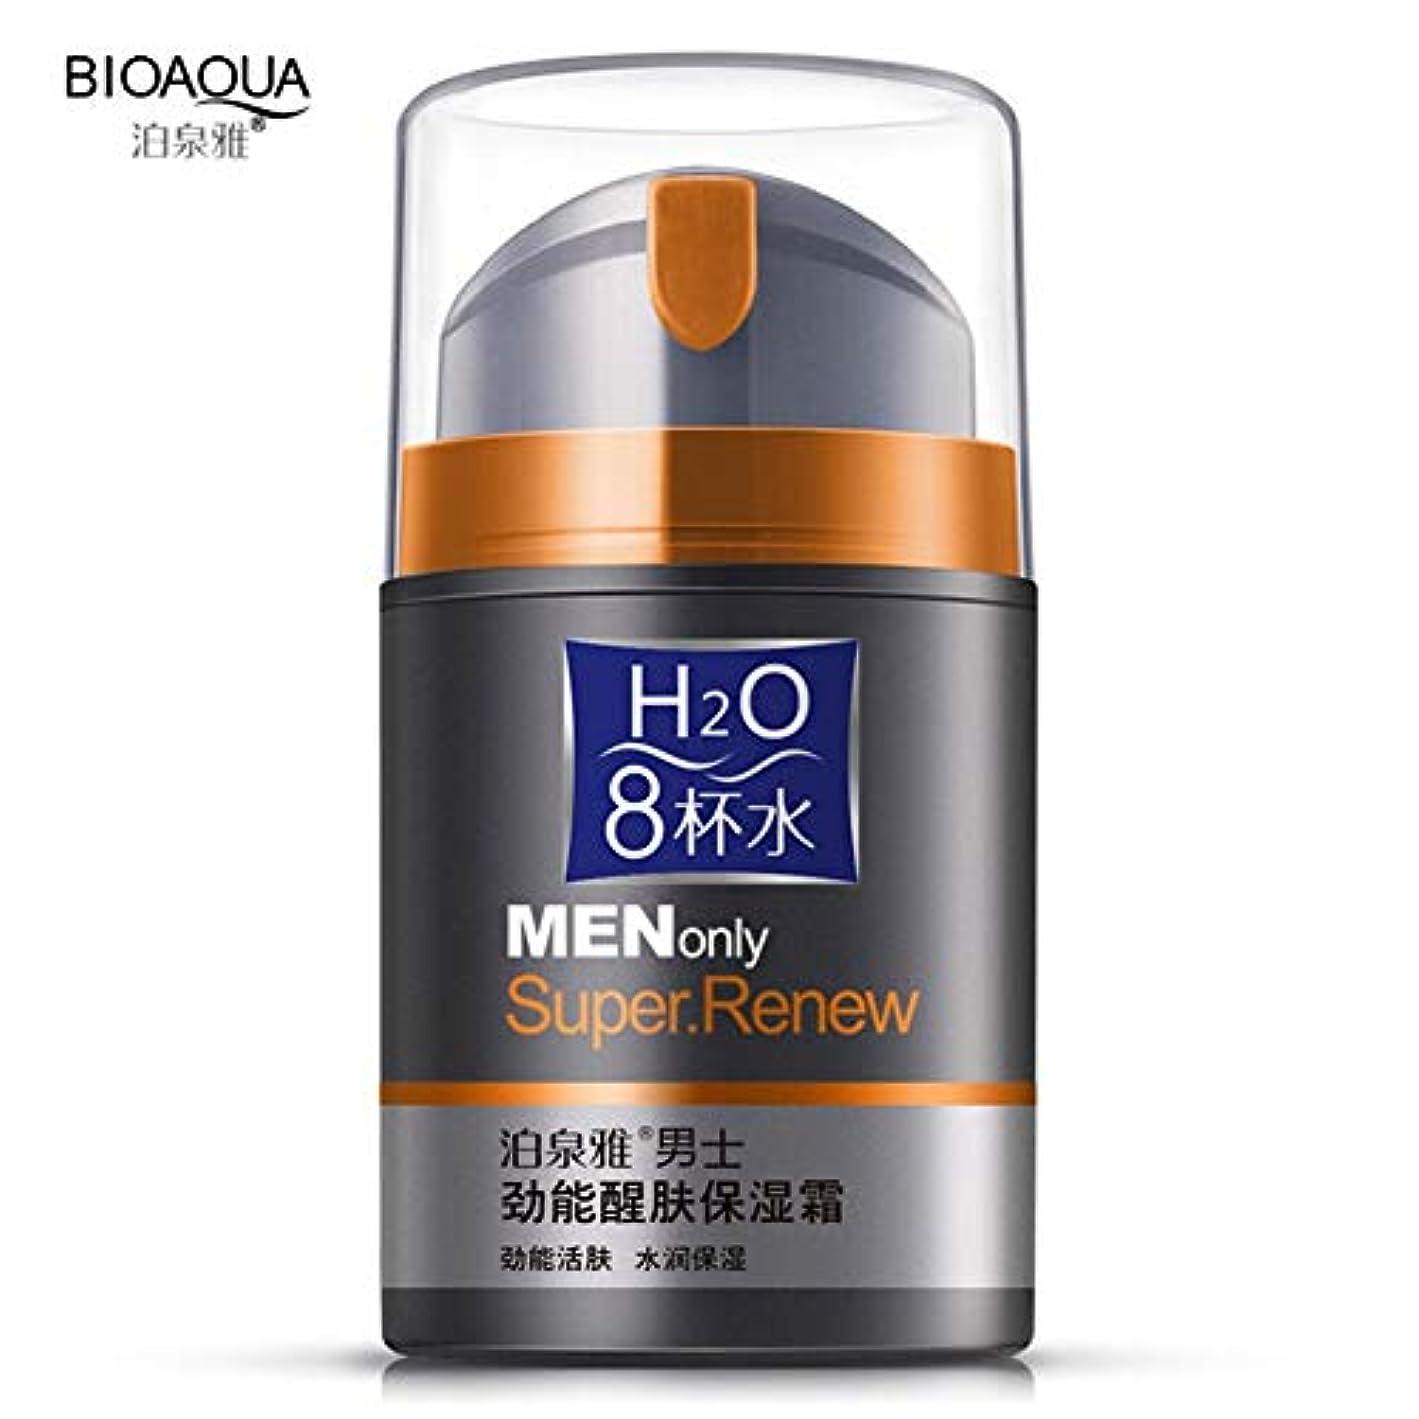 実現可能性アクセサリー嬉しいですBIOAQUA男性保湿オイルコントロールフェイスクリームアンチリンクルデイクリーム寧ケアブラックヘッドの取り外し50グラム